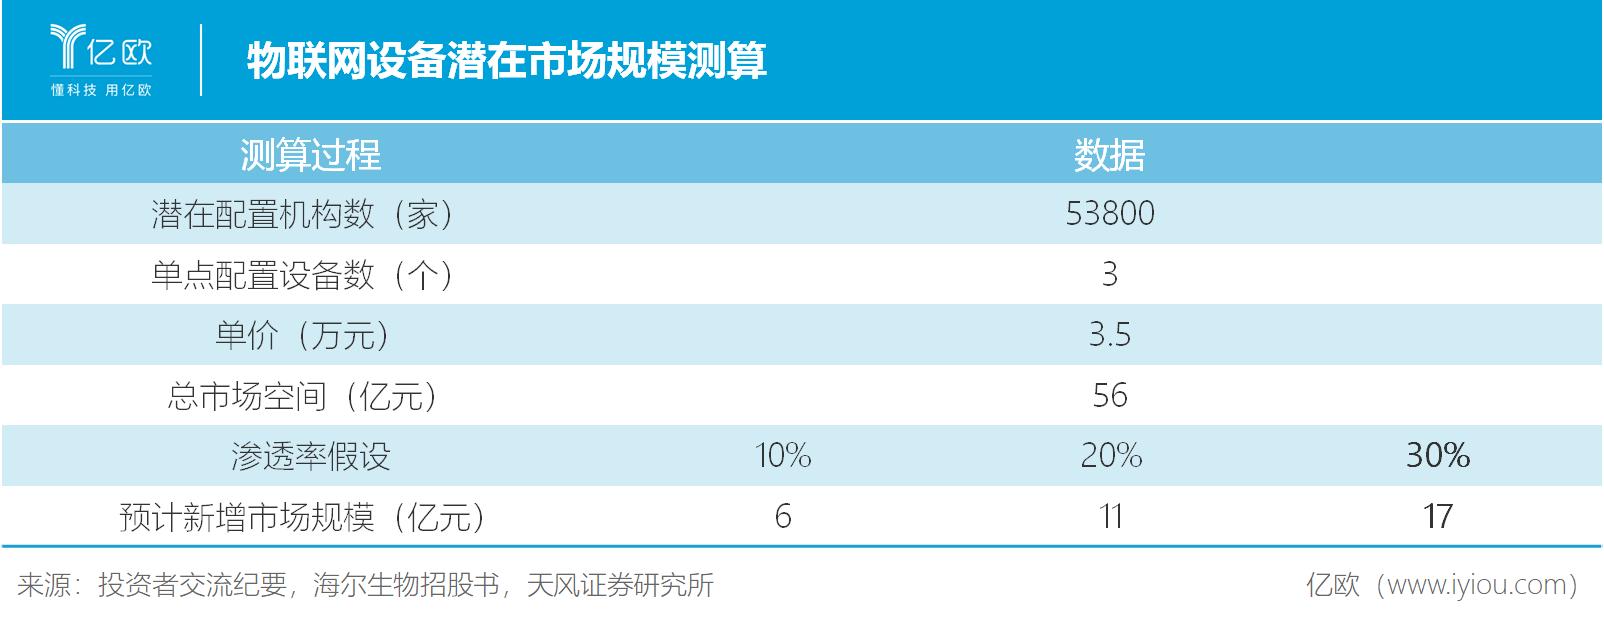 物联网设备潜在市场规模测算.png